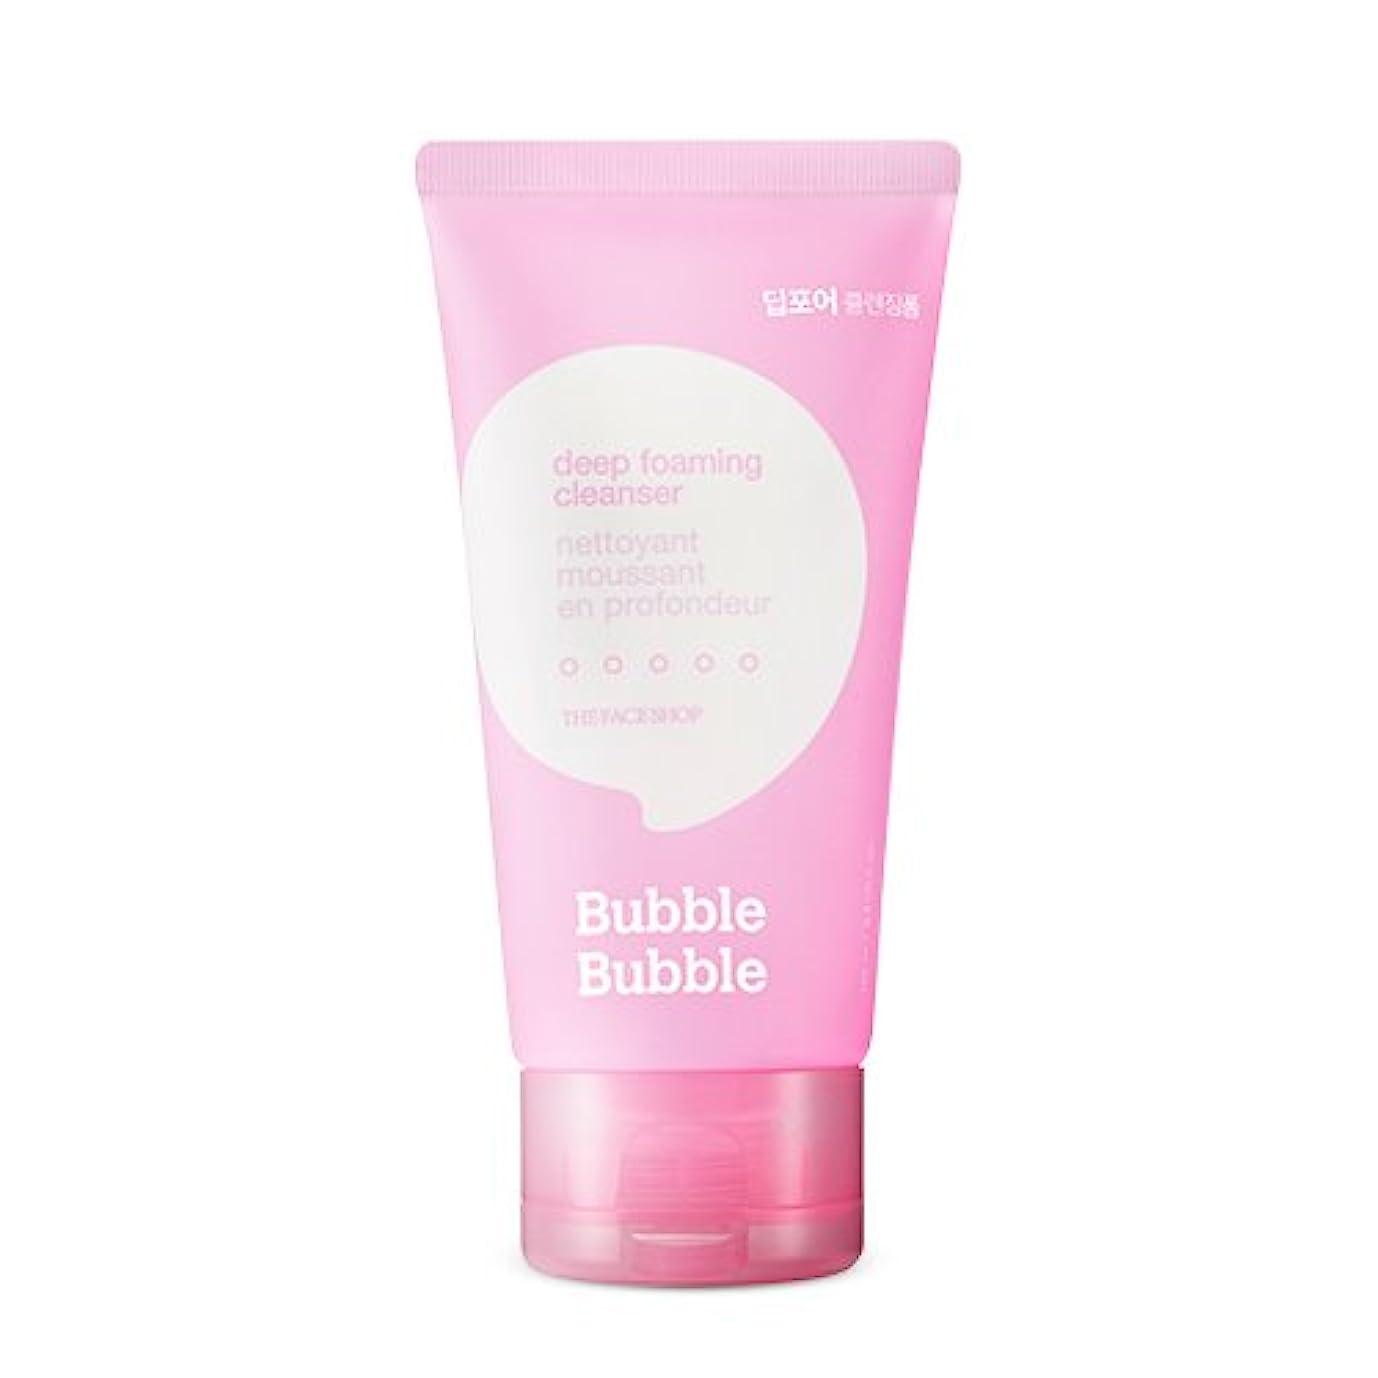 肉の委任ペルメルTHE FACE SHOP Bubble Bubble Foaming Cleanser 100ml/ザフェイスショップ バブル バブル フォーミング クレンザー 100ml (#Deep(ディープポア)) [並行輸入品]